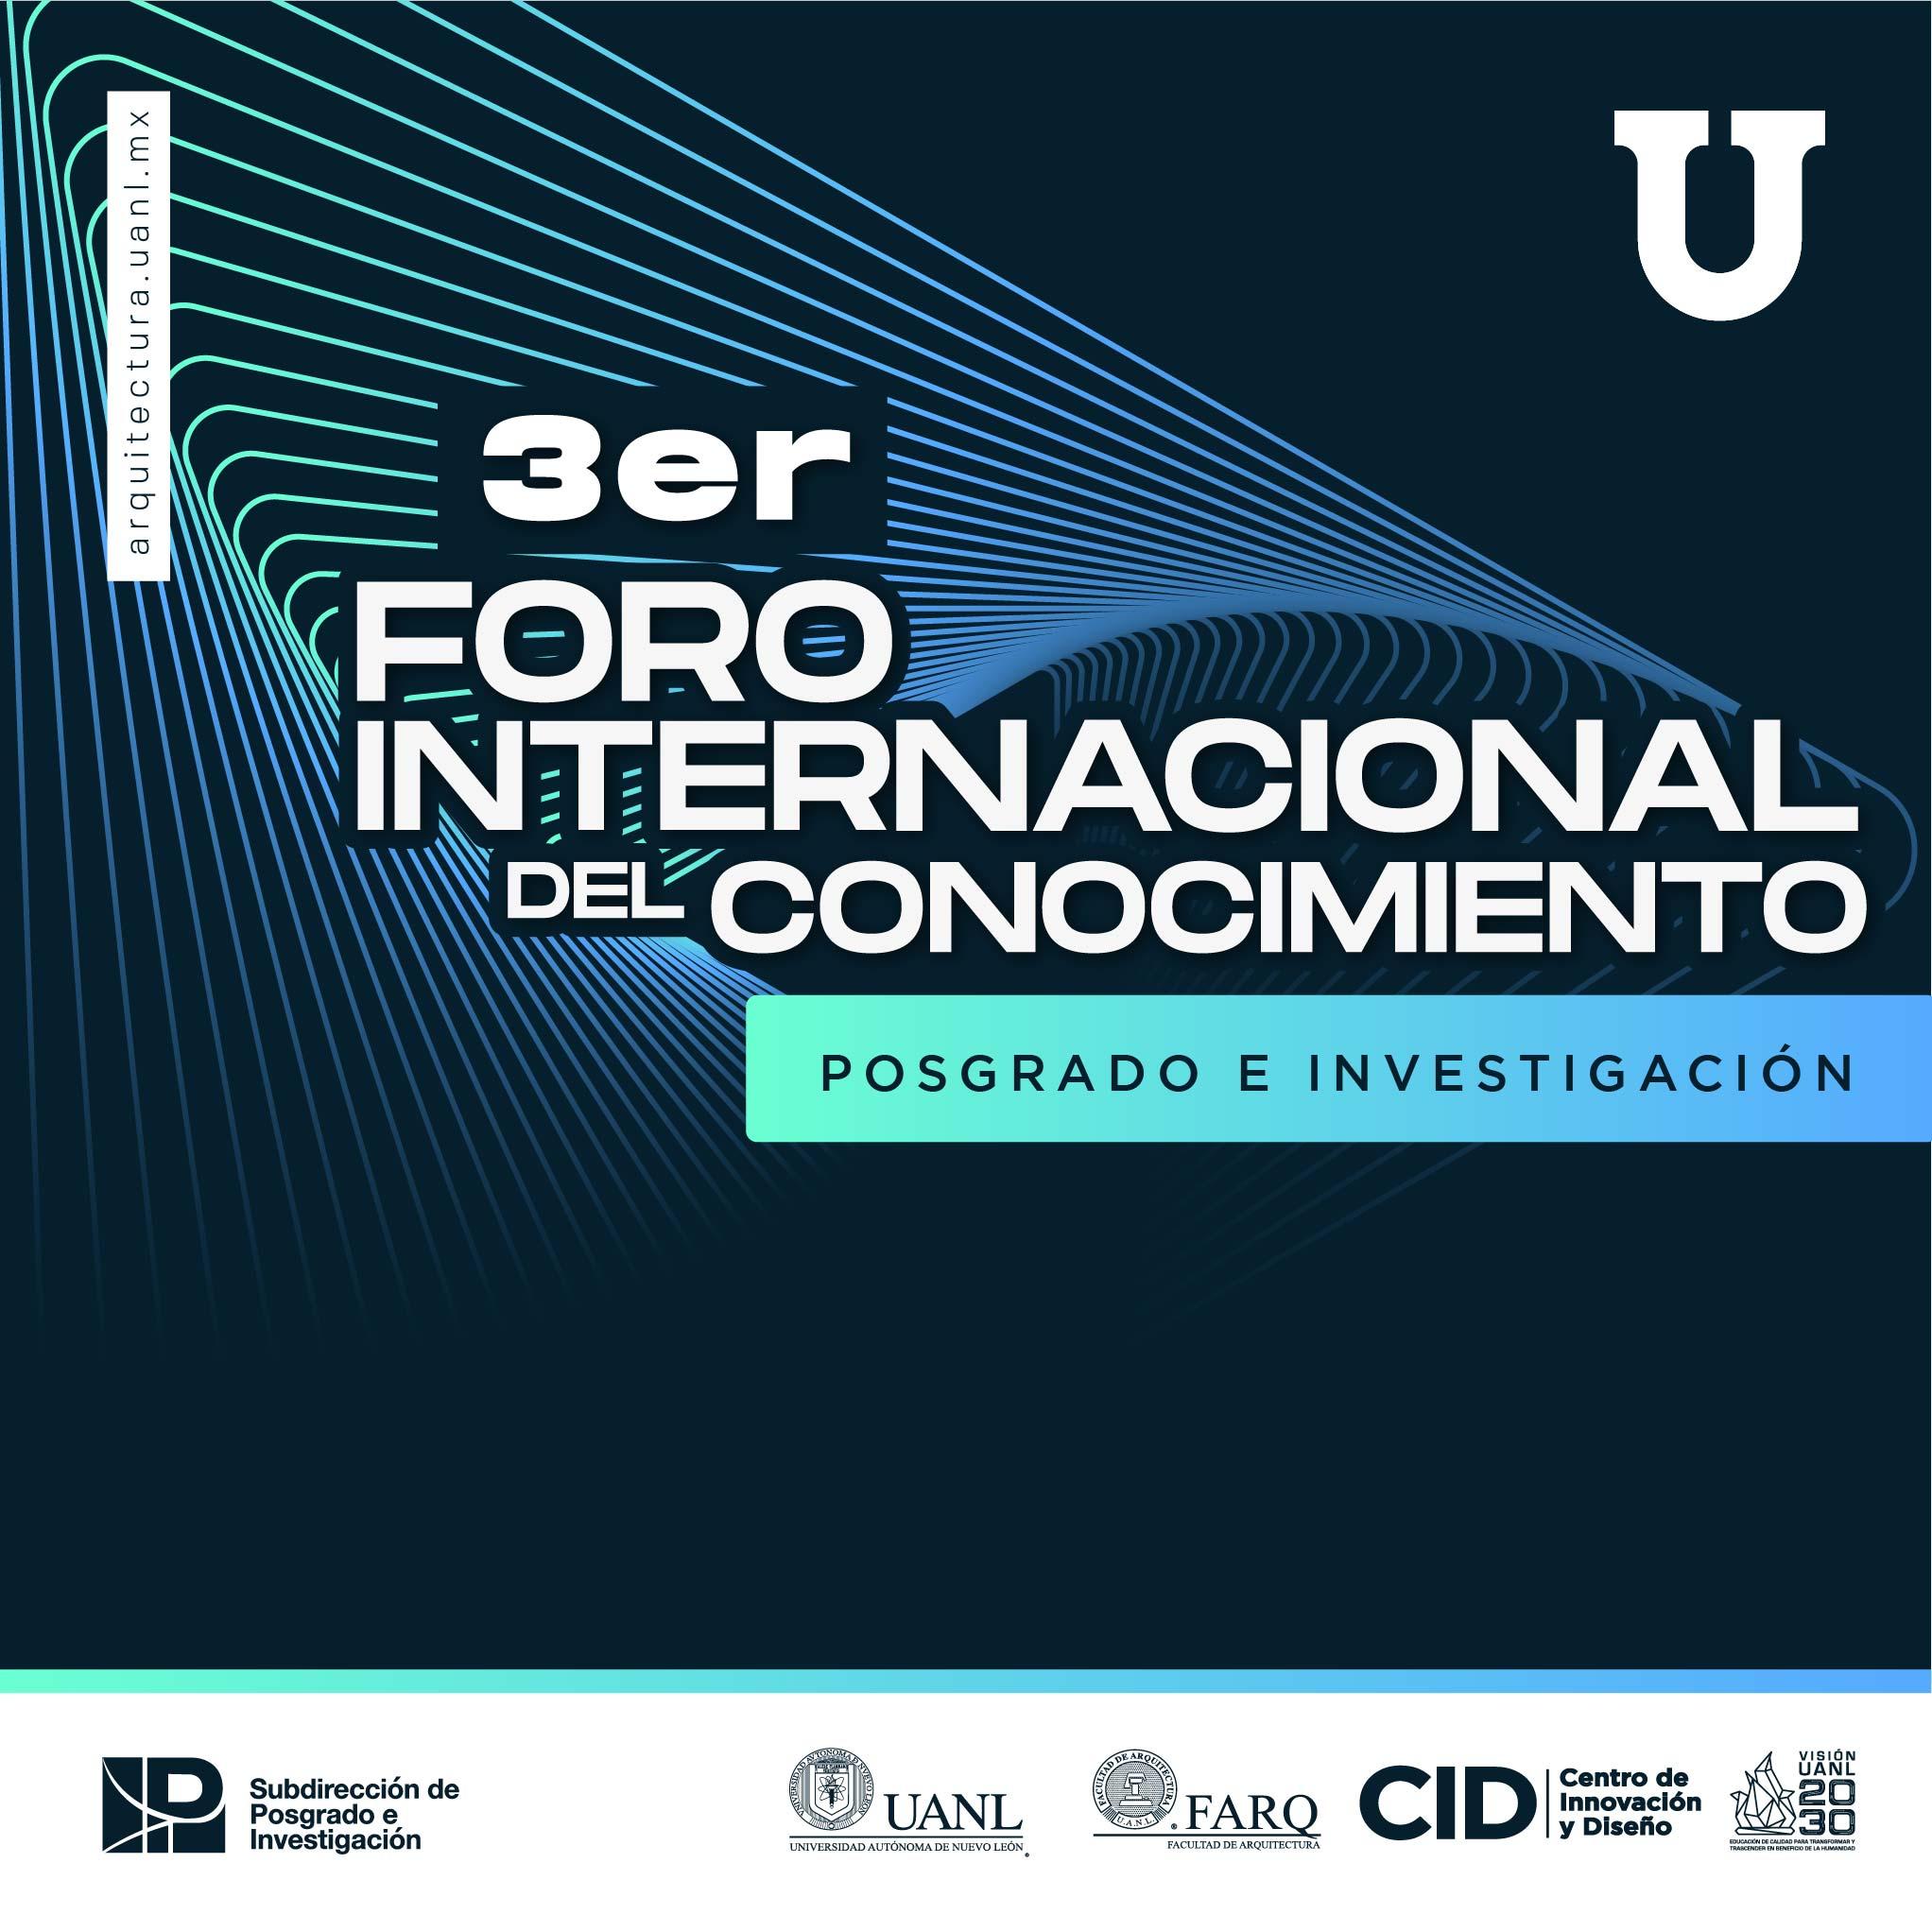 3er. Foro Internacional del Conocimiento.